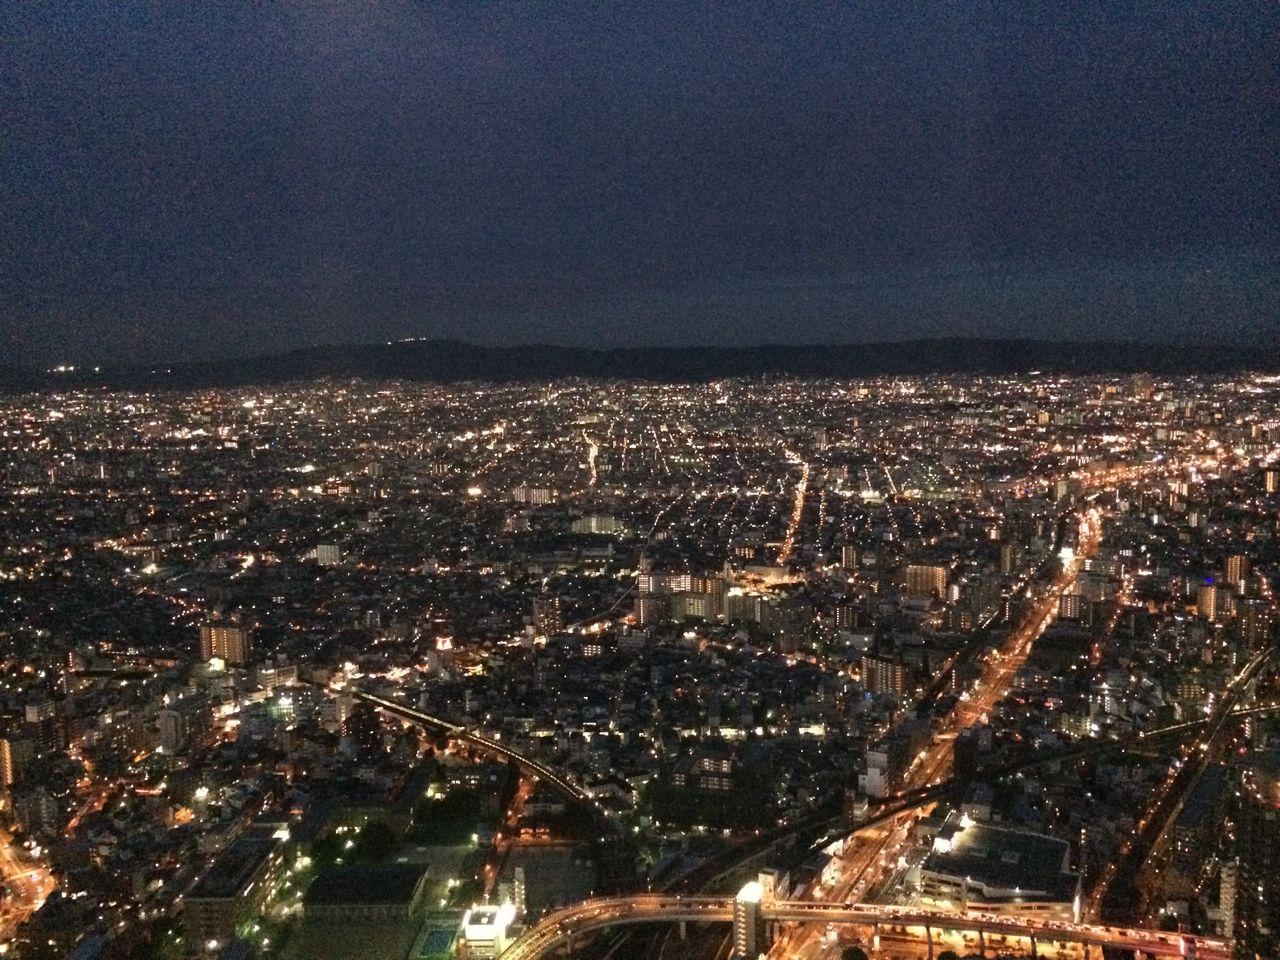 ハルカス展望台から東方向(夜景)